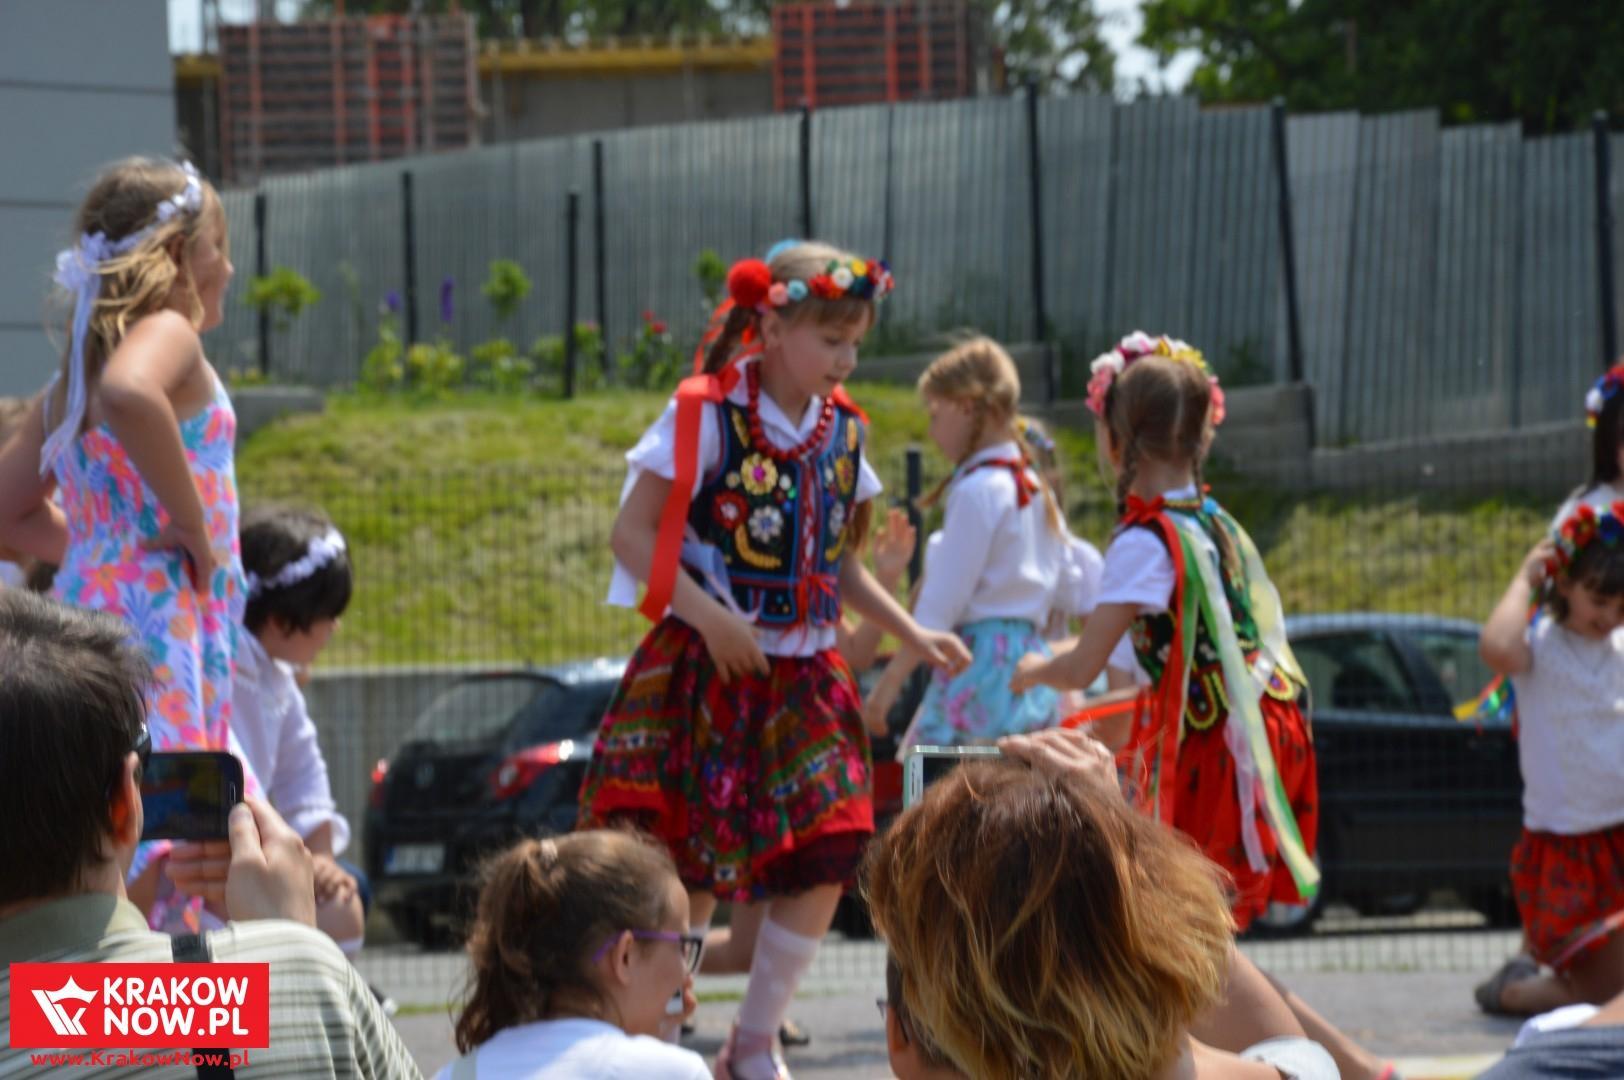 25 lat osiedla rzaka krakow festyn rodzinny 76 150x150 - 25 lat Osiedla Rżąka - galeria zdjęć z festynu